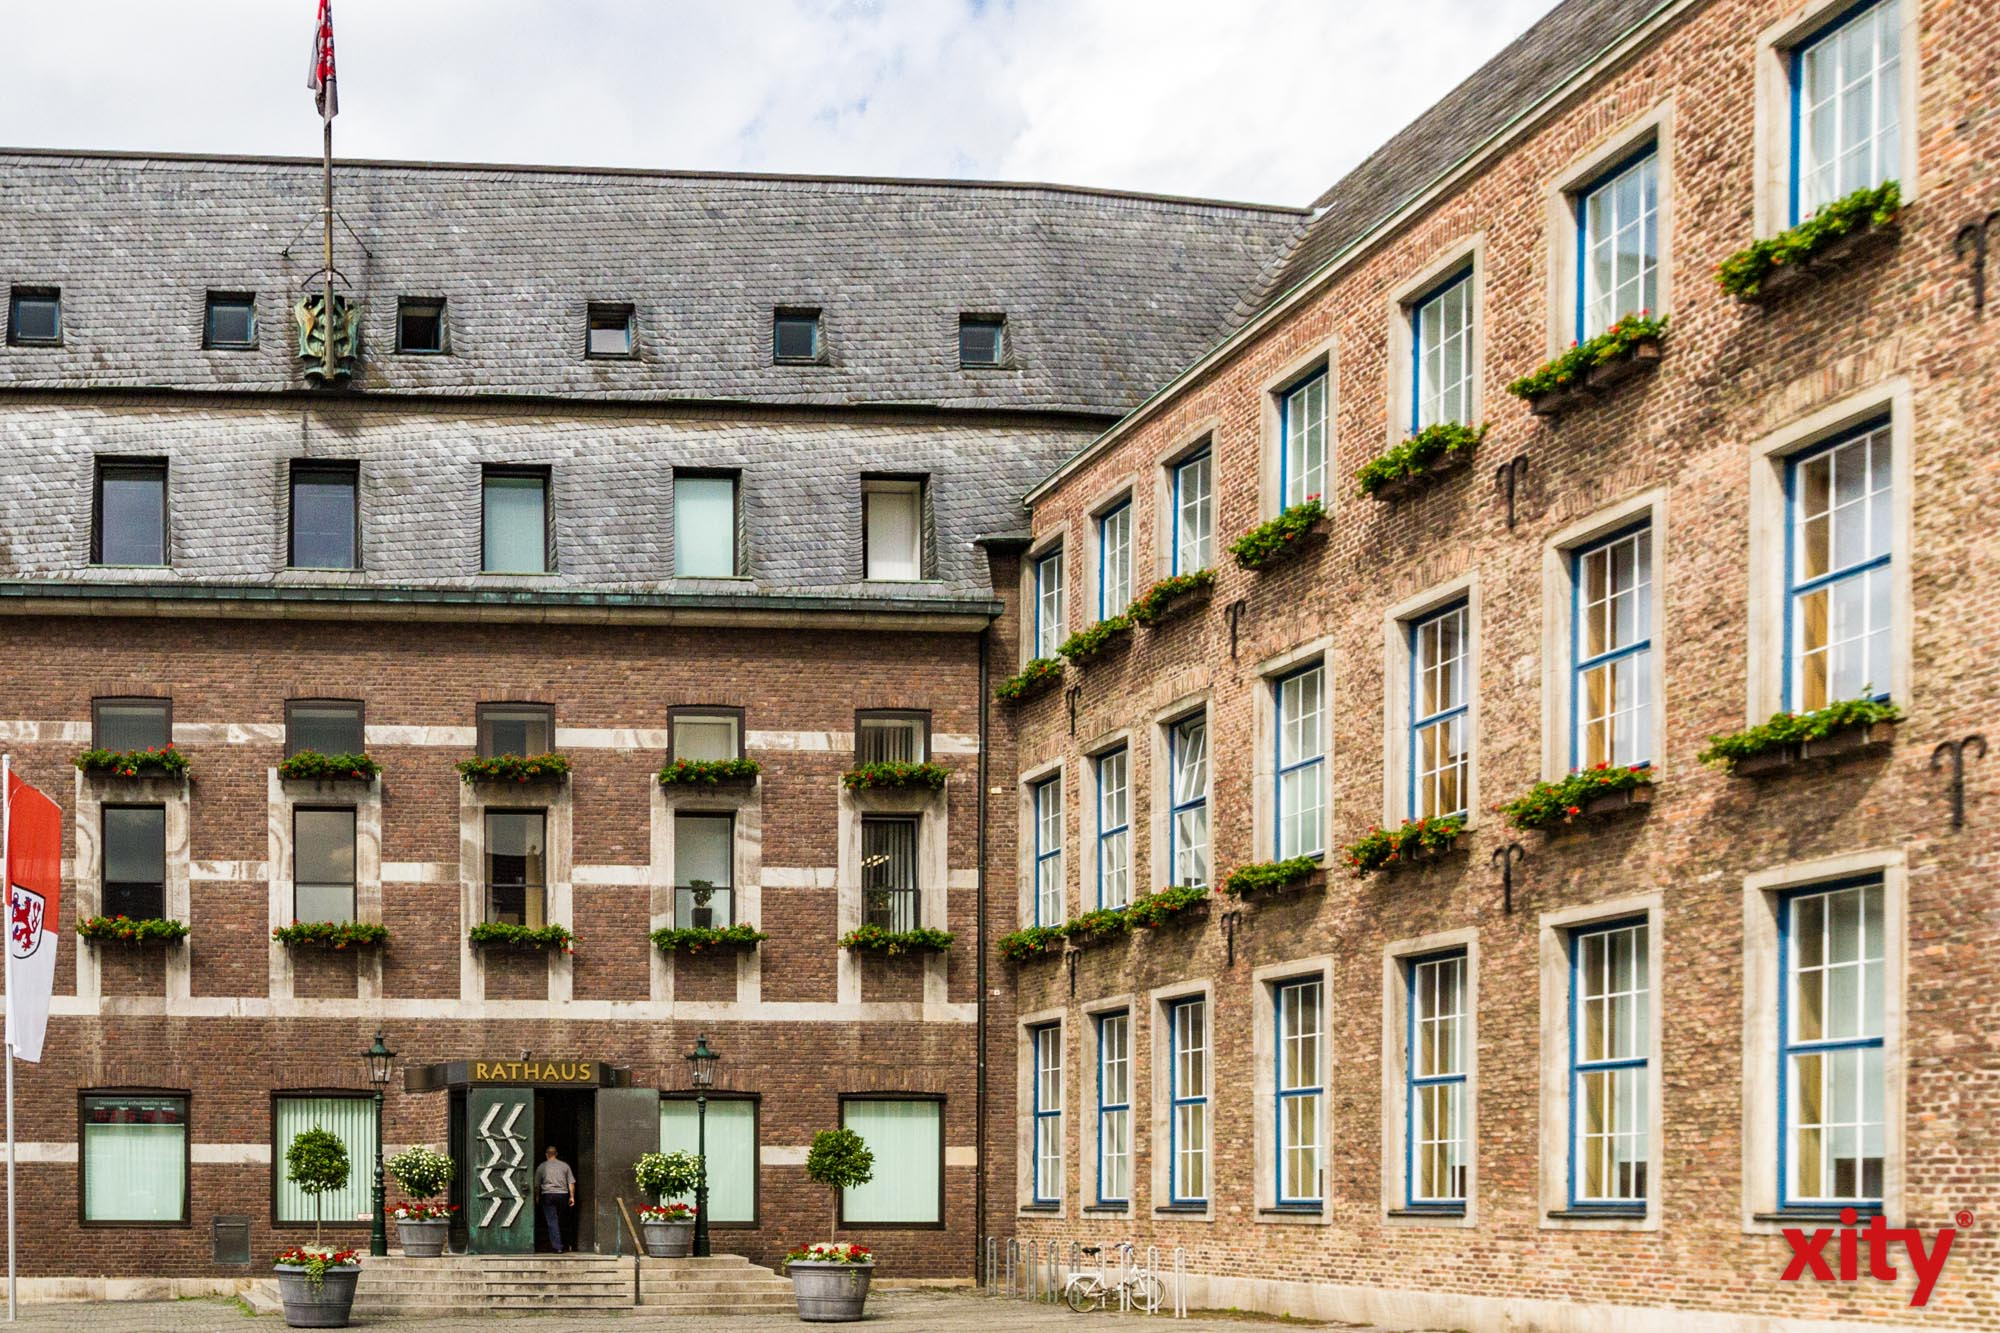 Hochhausbeirat tagte am Montag im Düsseldorfer Rathaus (Foto: xity)